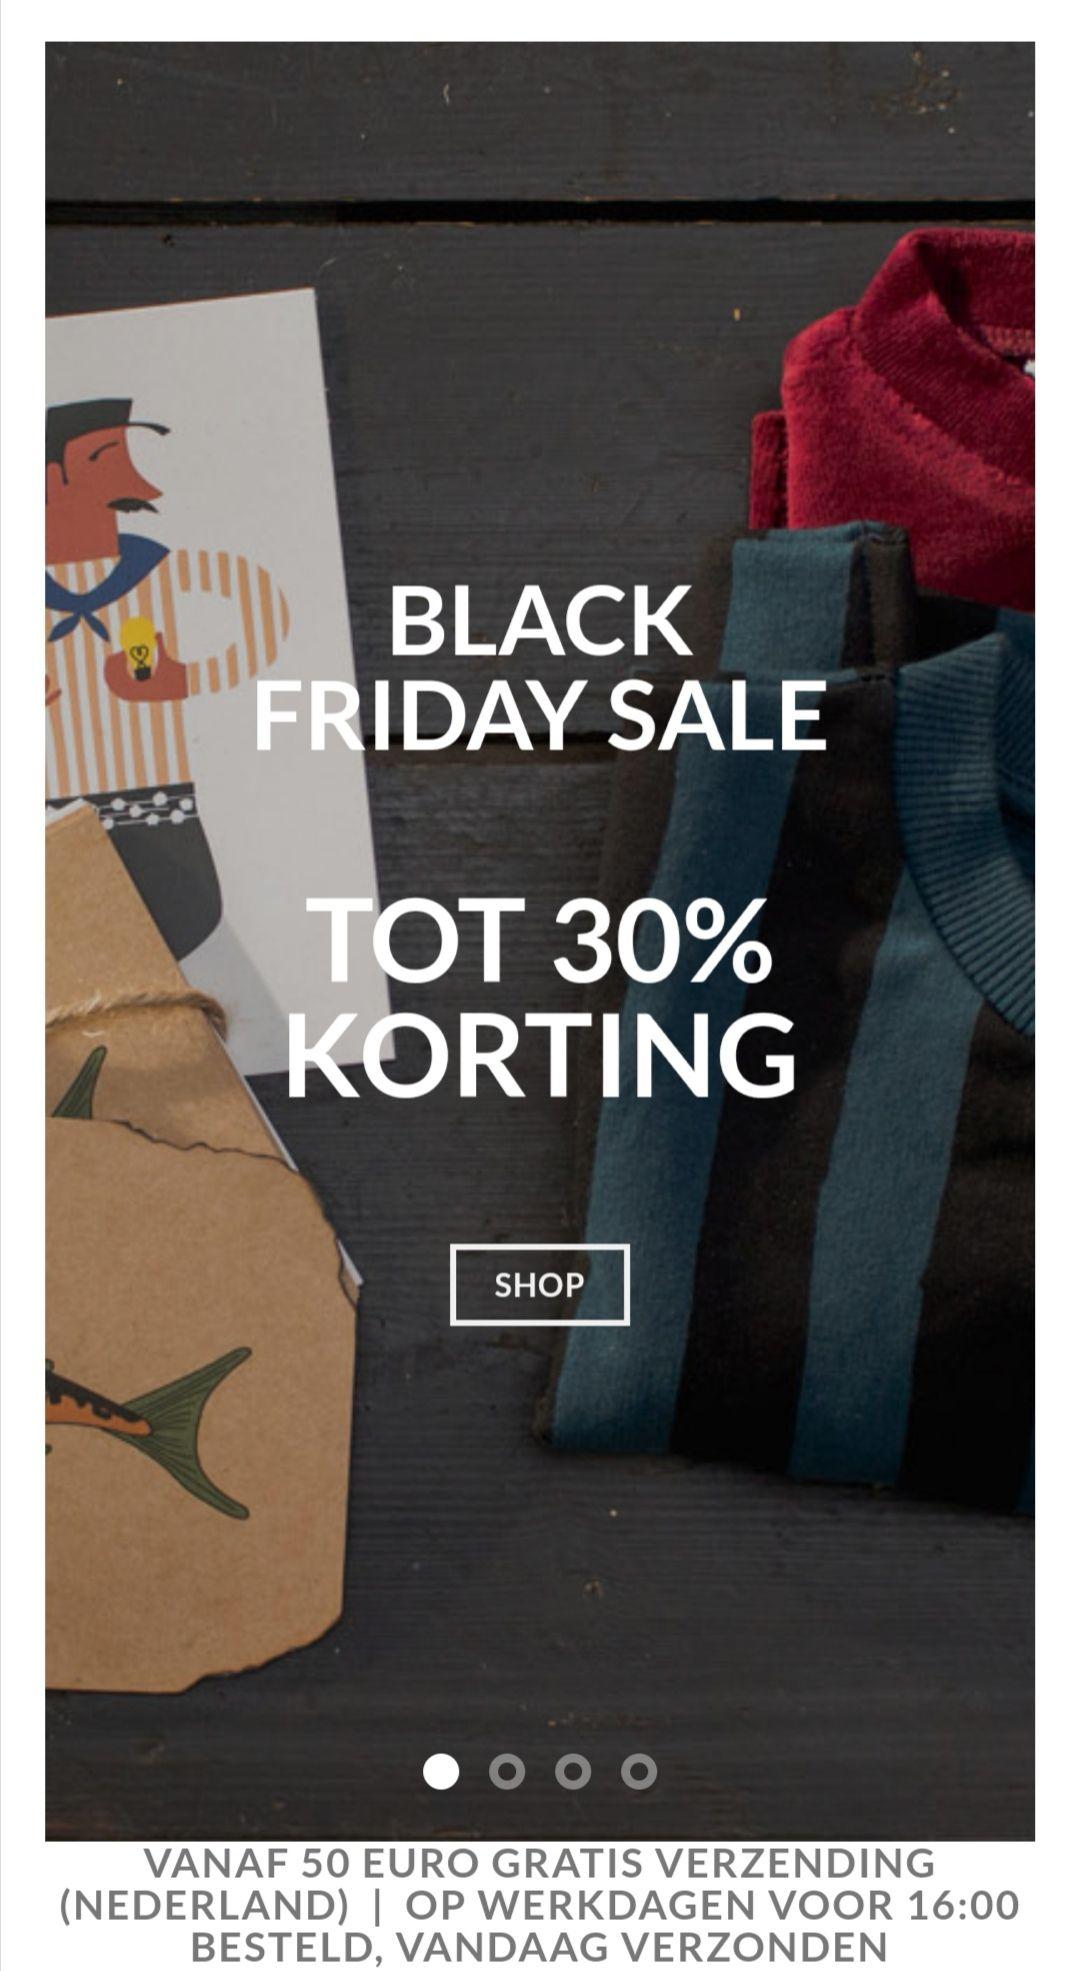 Black Friday Sale, tot 30% korting op speelgoed, kinderkleding & meer @ peertje